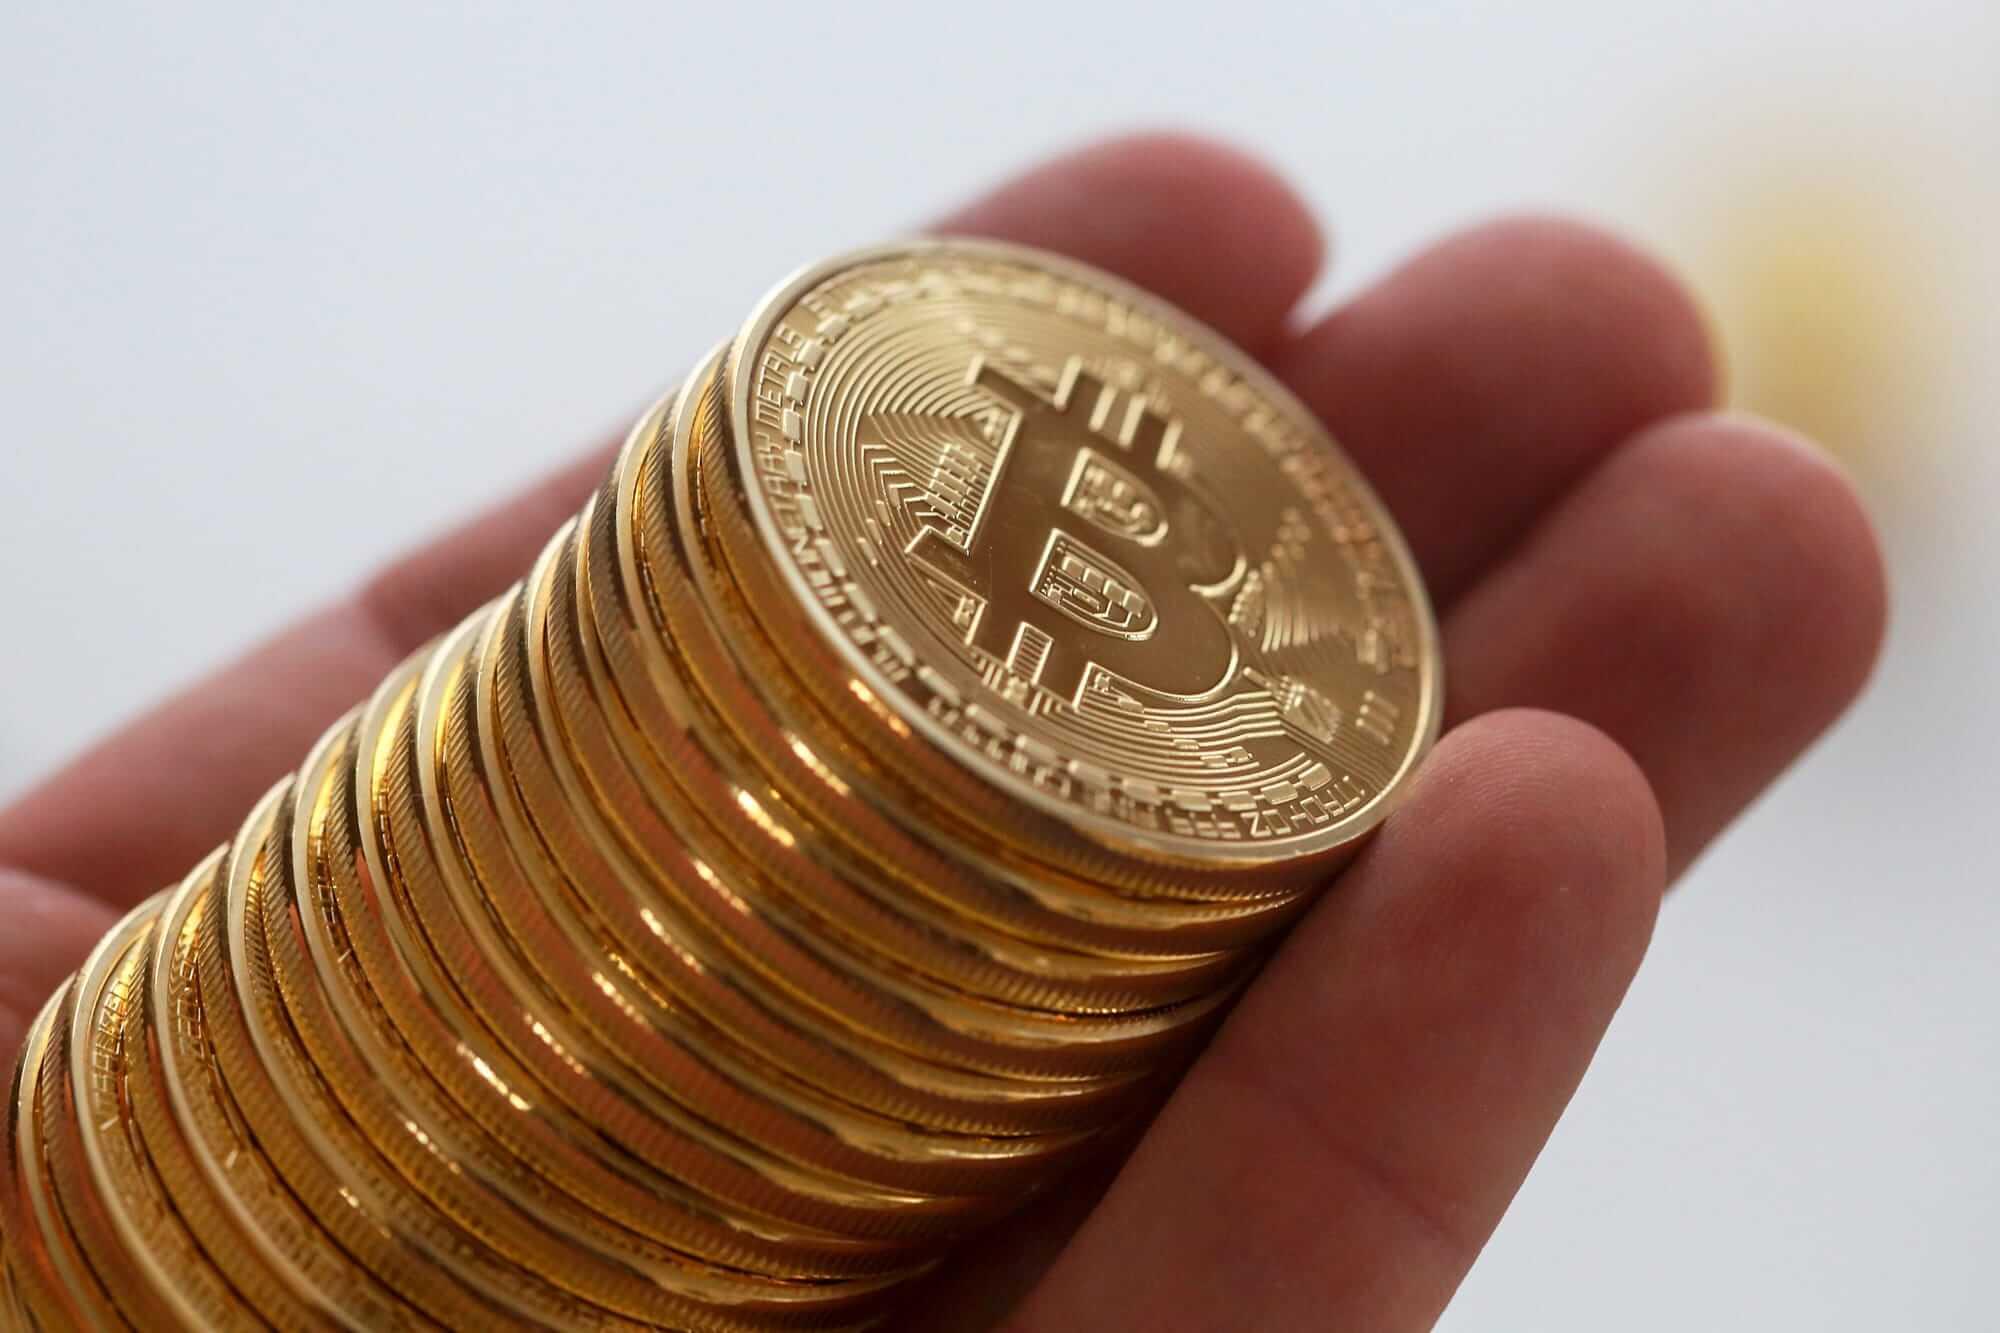 İnsanlar Gerçekten Bitcoin Kullanıyor mu? 2 - İnsanlar Neden Bitcoin'i Tercih Ediyor